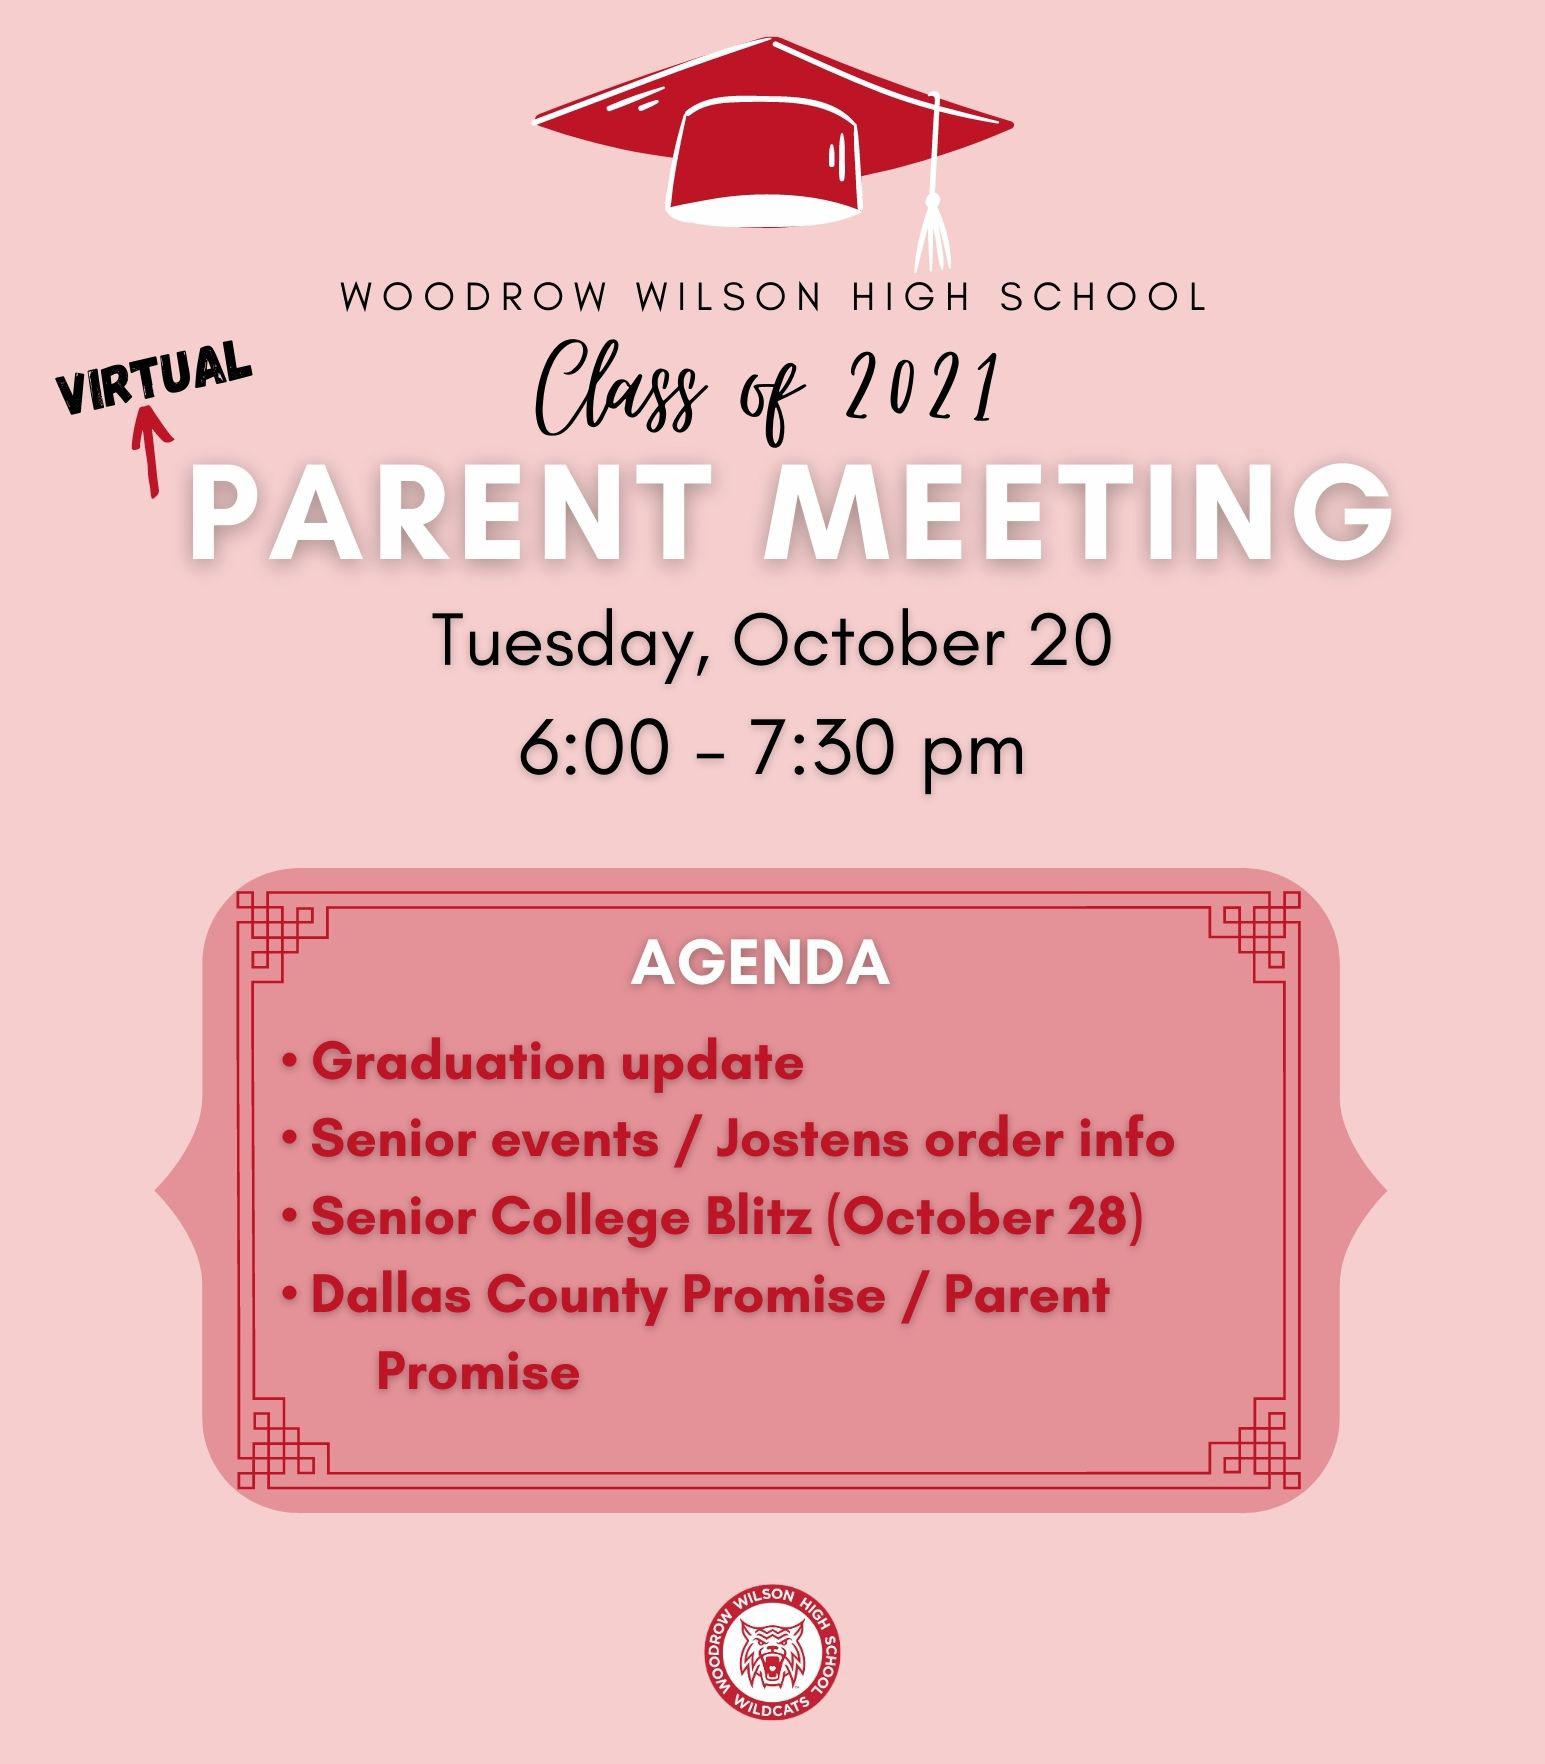 Class of 2021 Parent Meeting